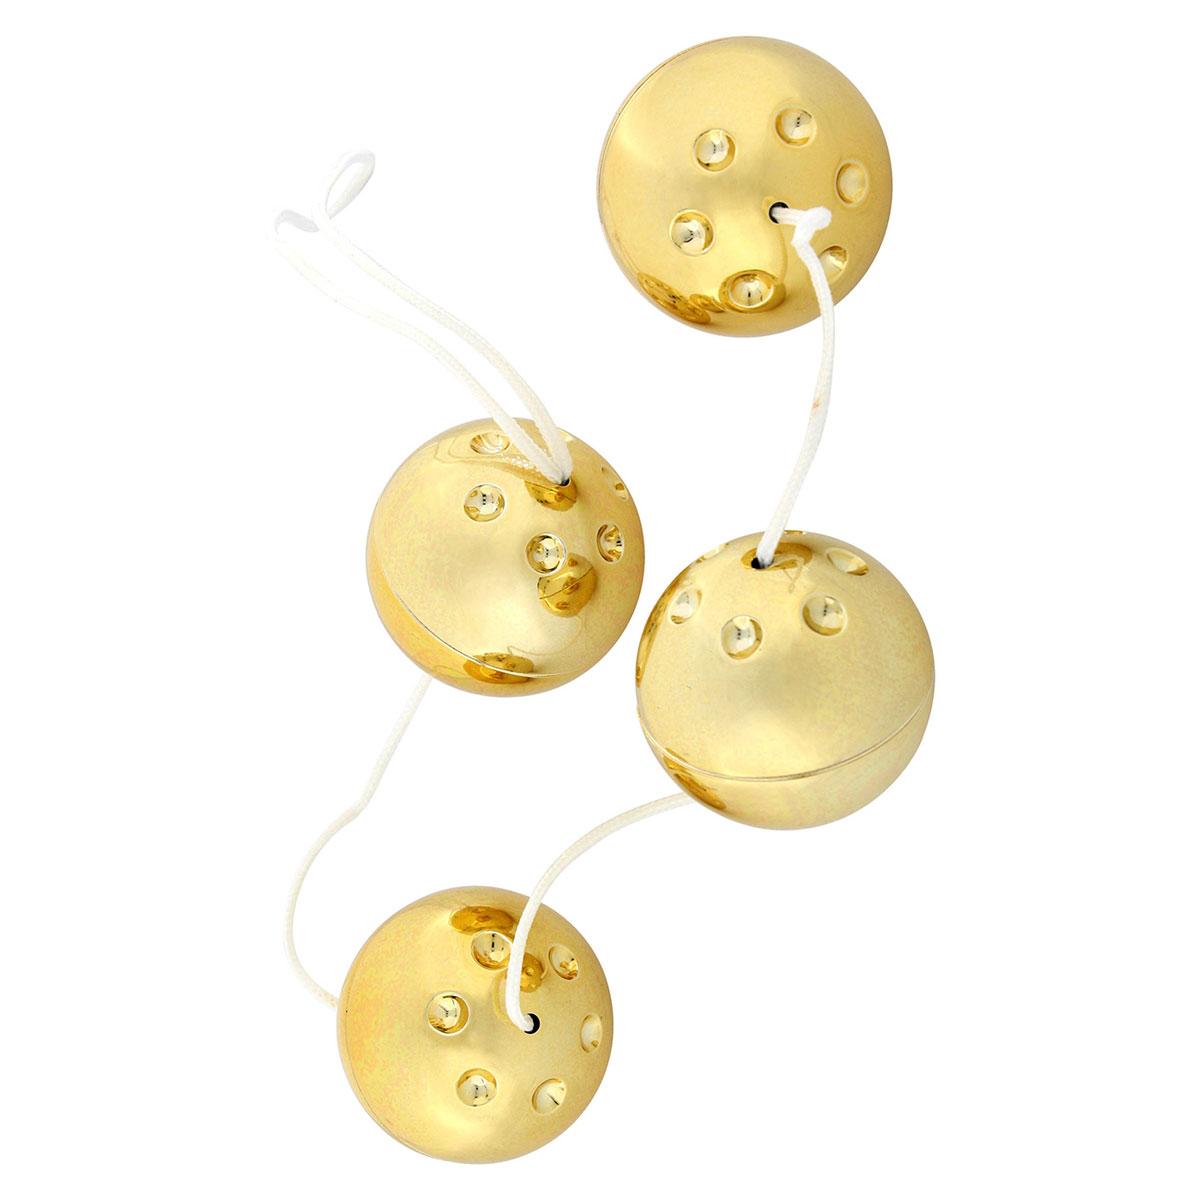 Четыре золотистых вагинальных шарика 7344QG BX GP от Seven Creations